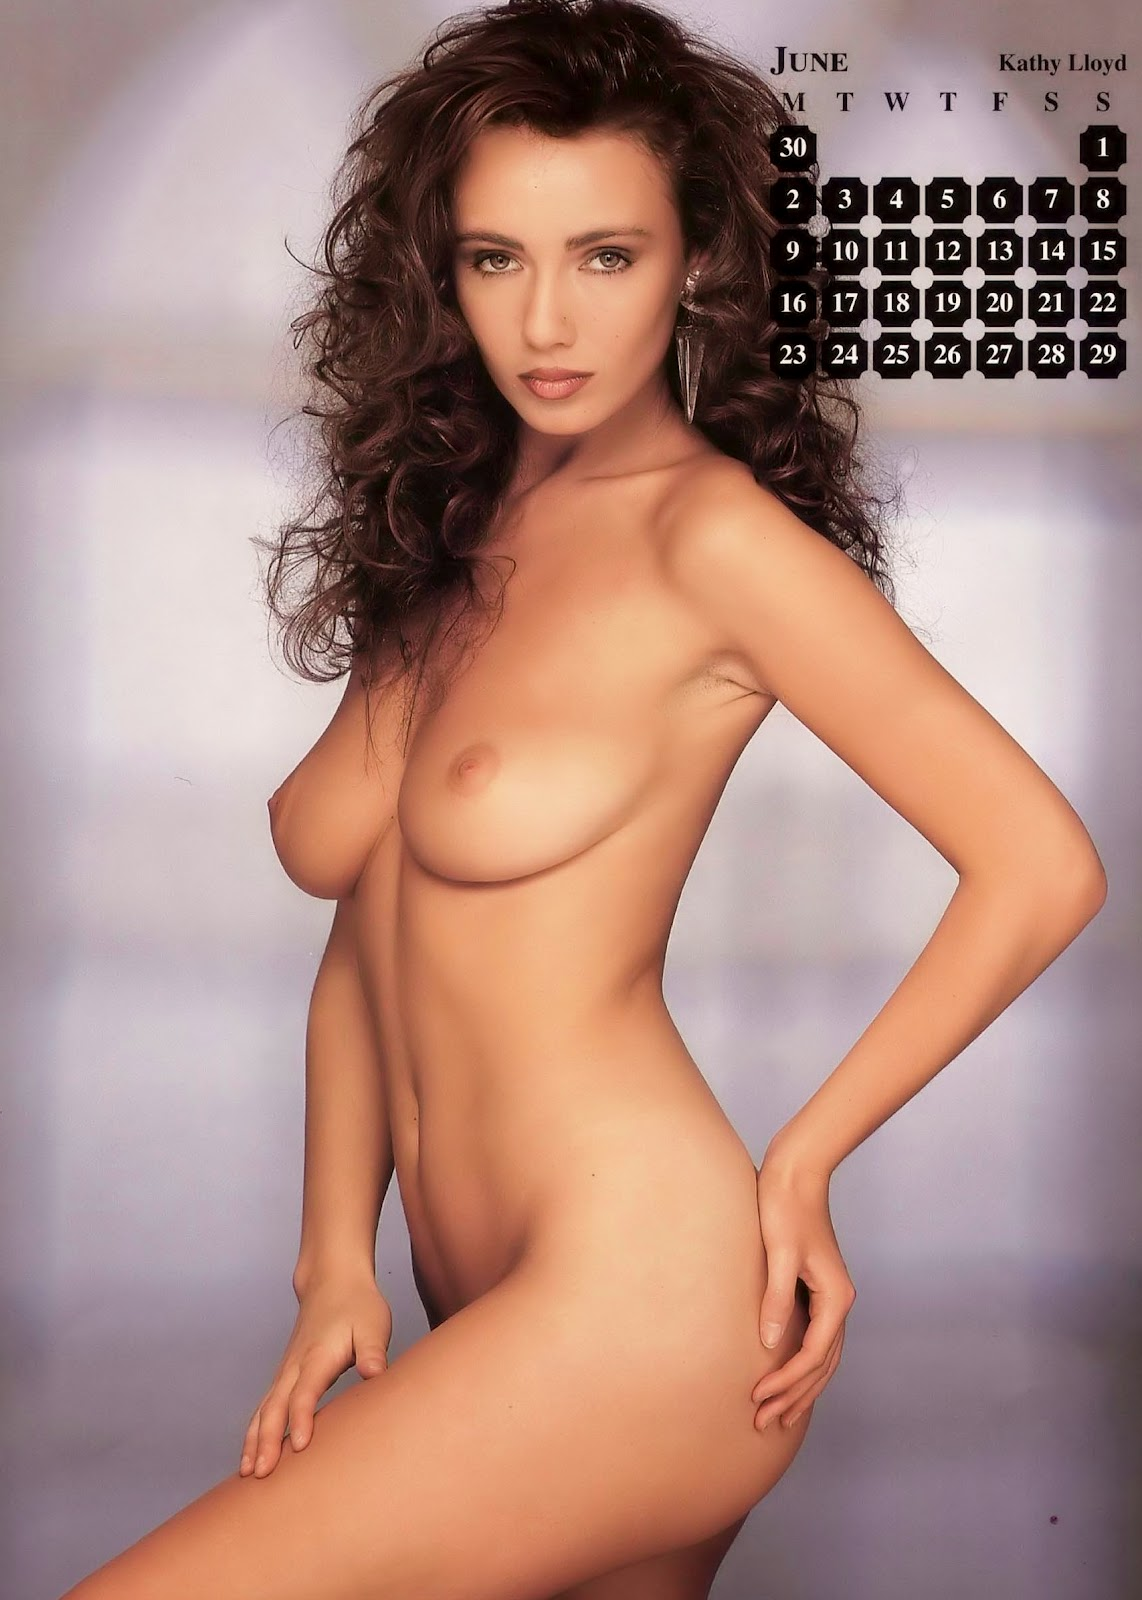 Kathy Lloyd  nackt